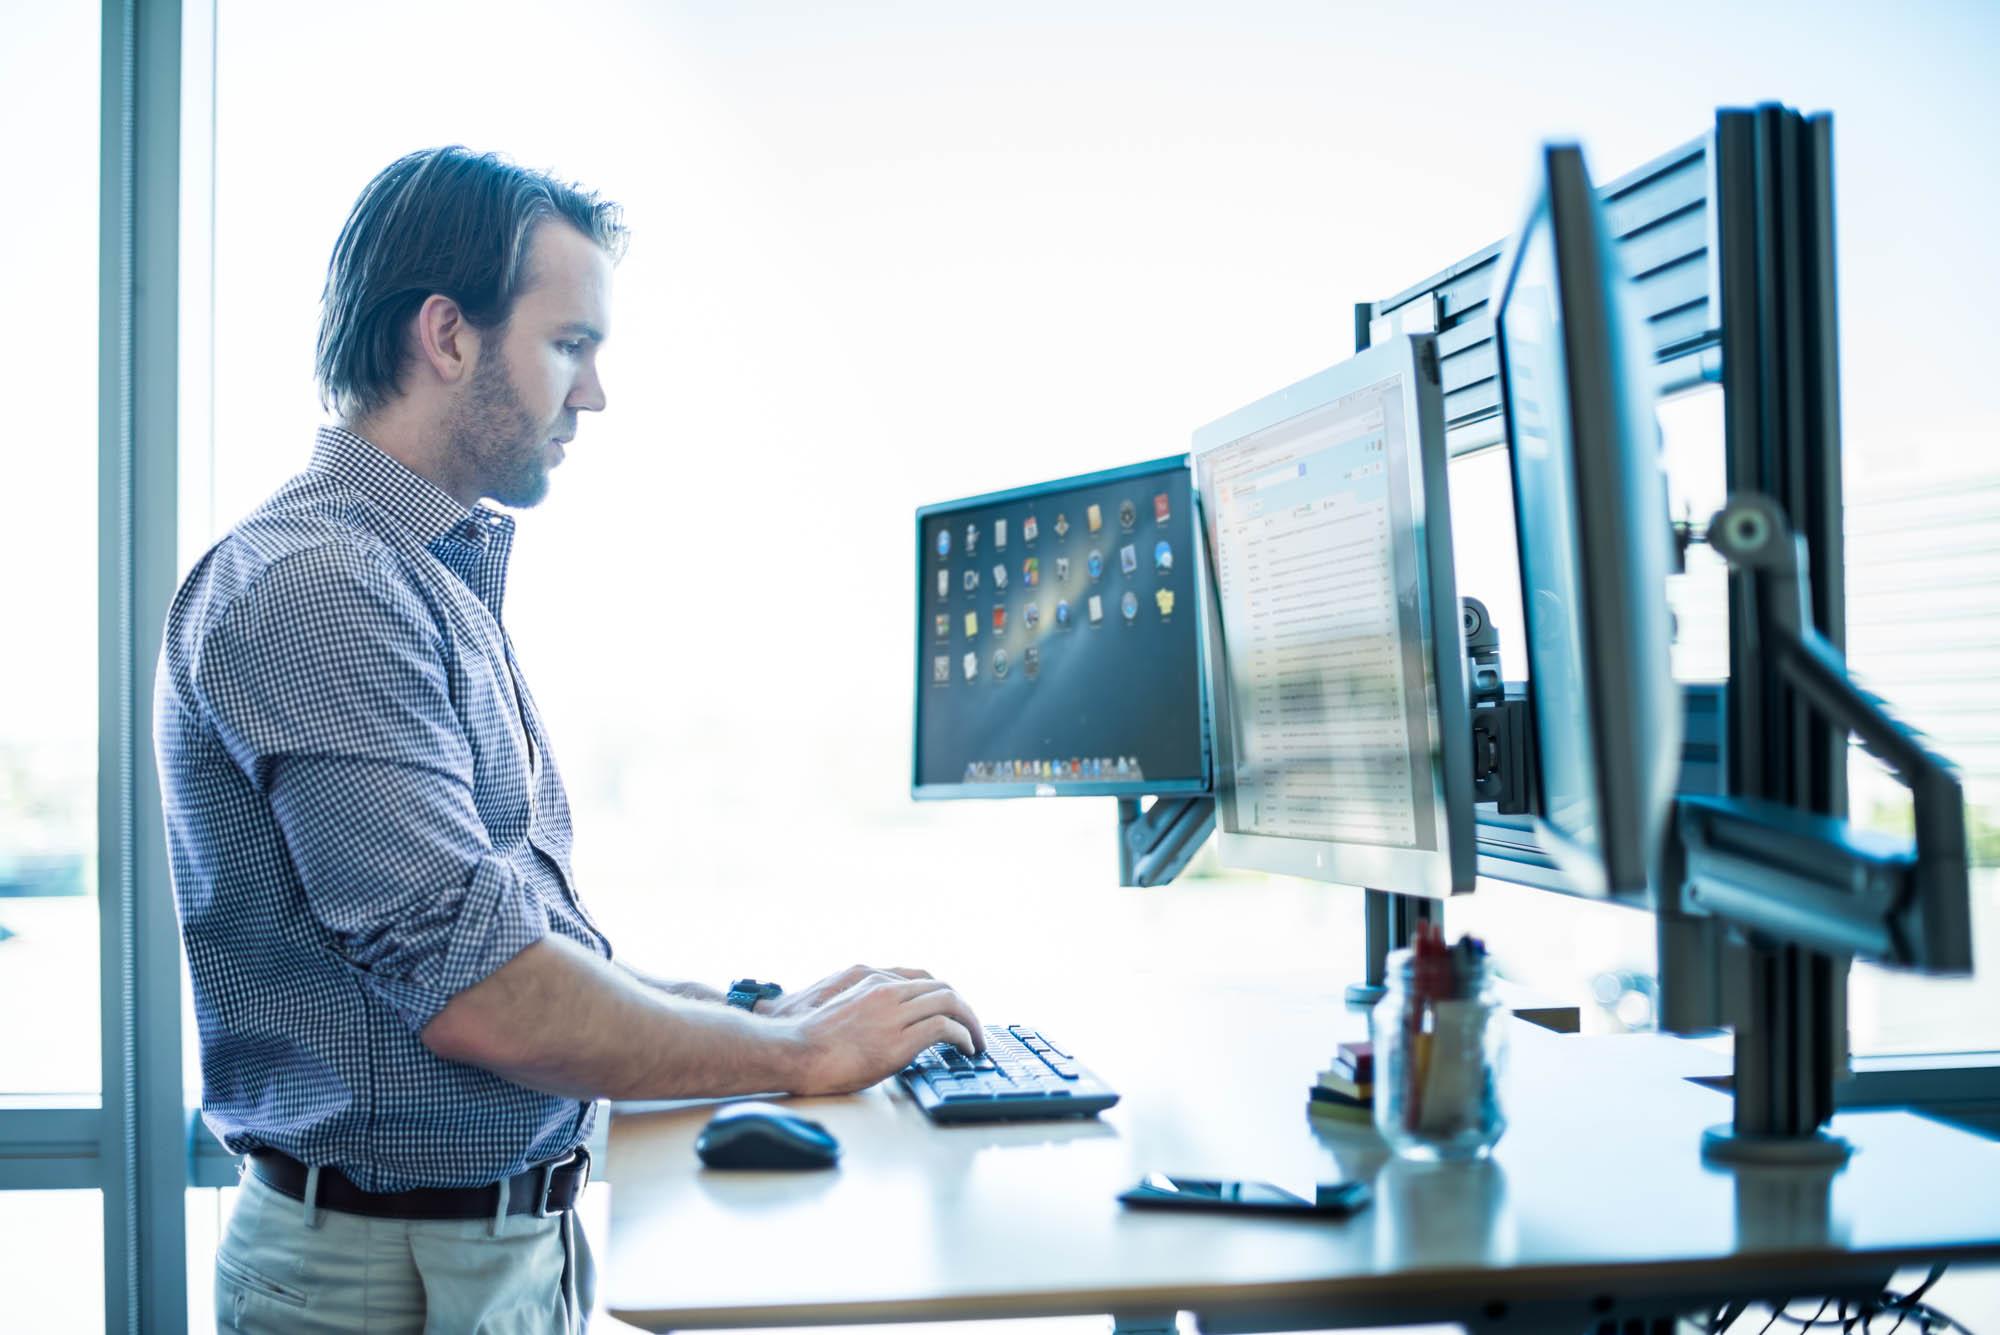 Man-working-on-monitors-Jordan-Reeder.jpg